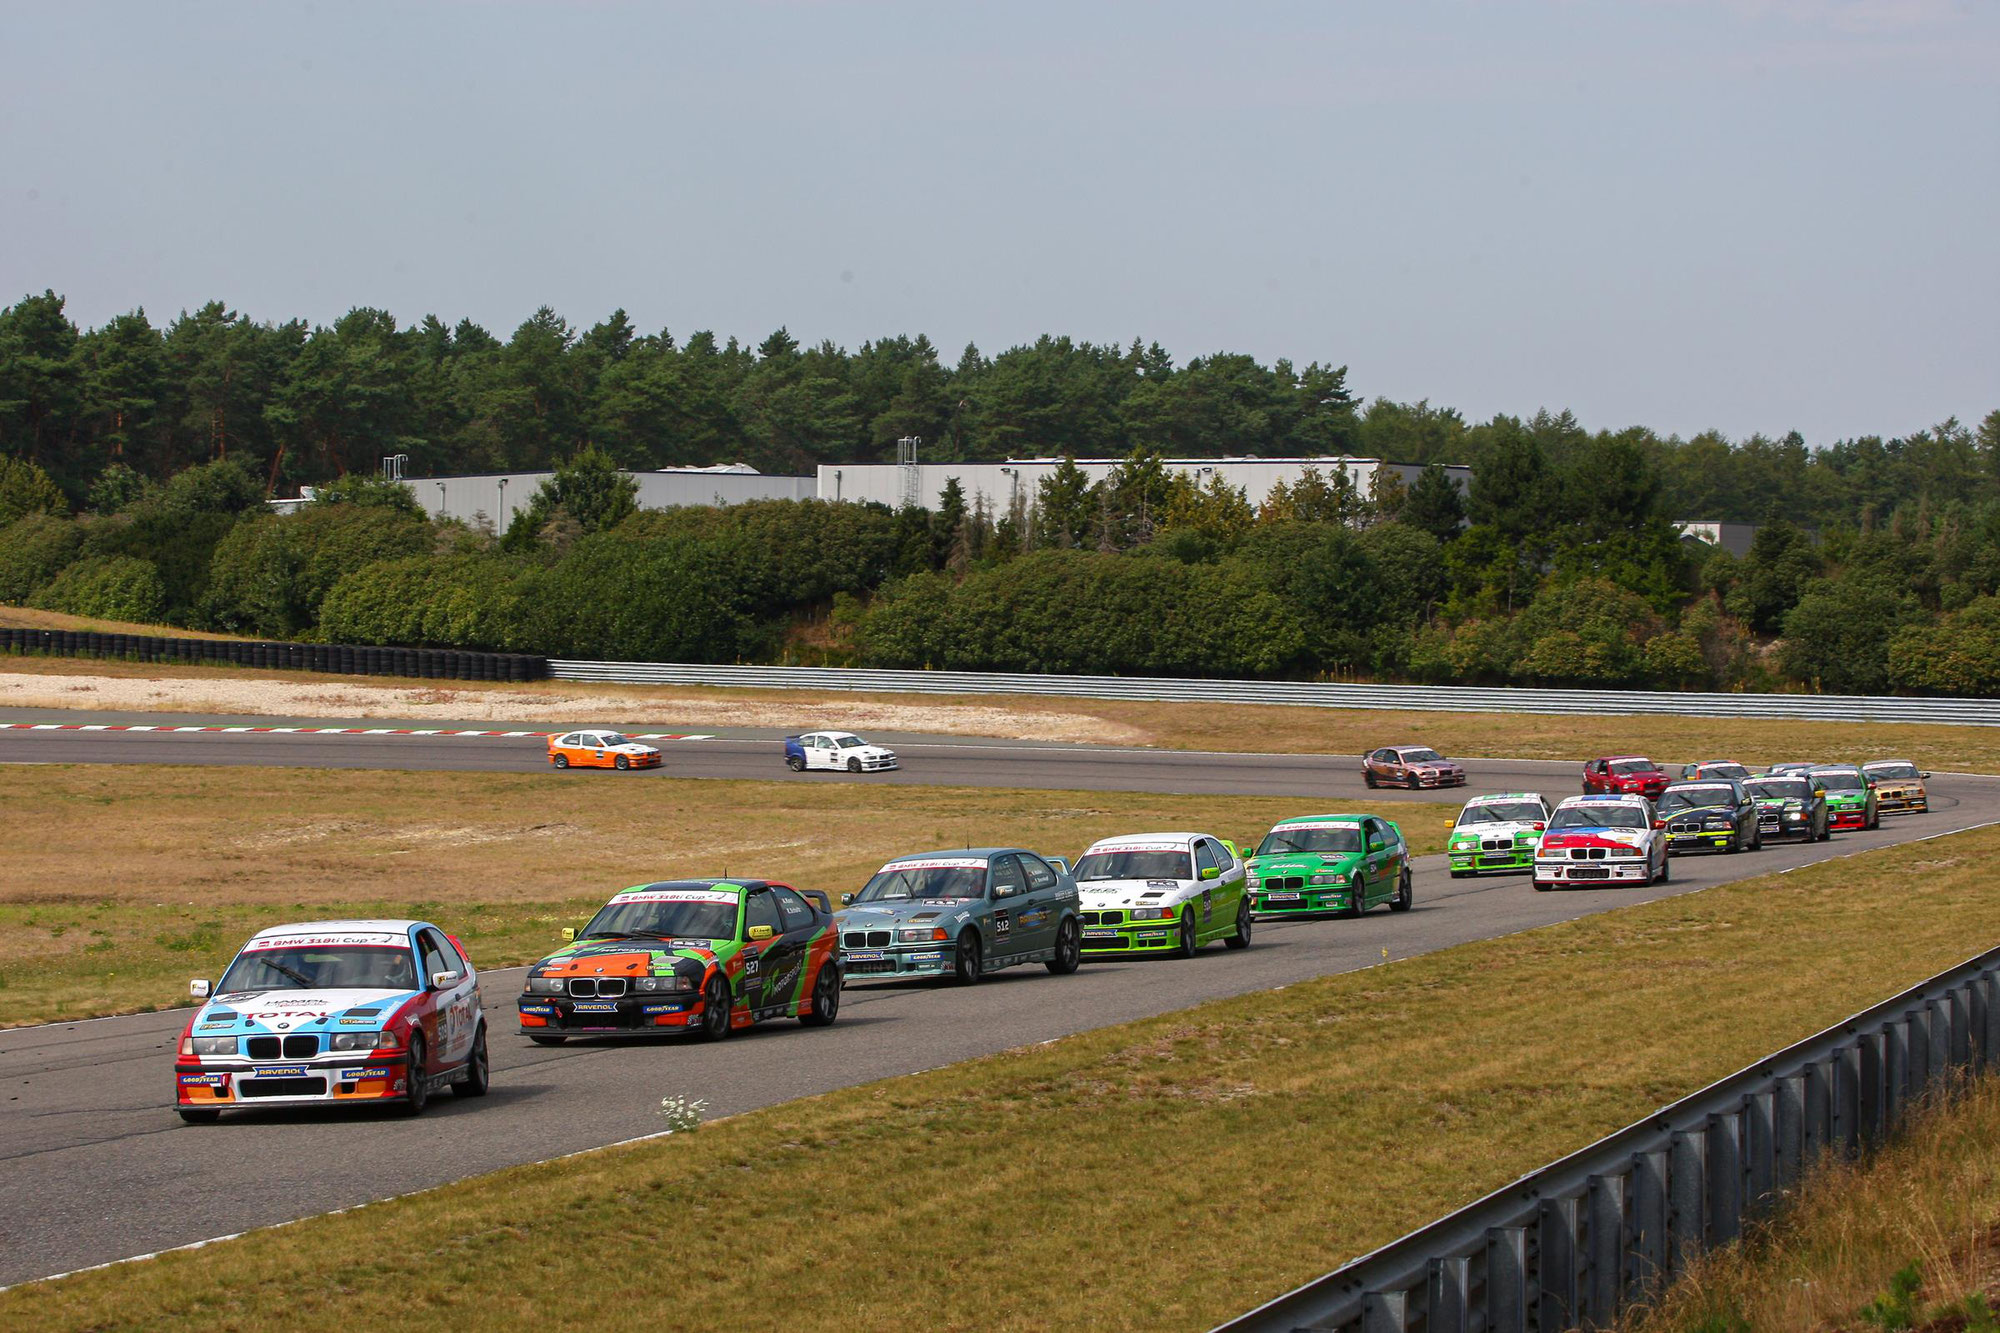 DMV BMW 318ti Cup startet mit 47 Fahrzeugen in die Saison 2021